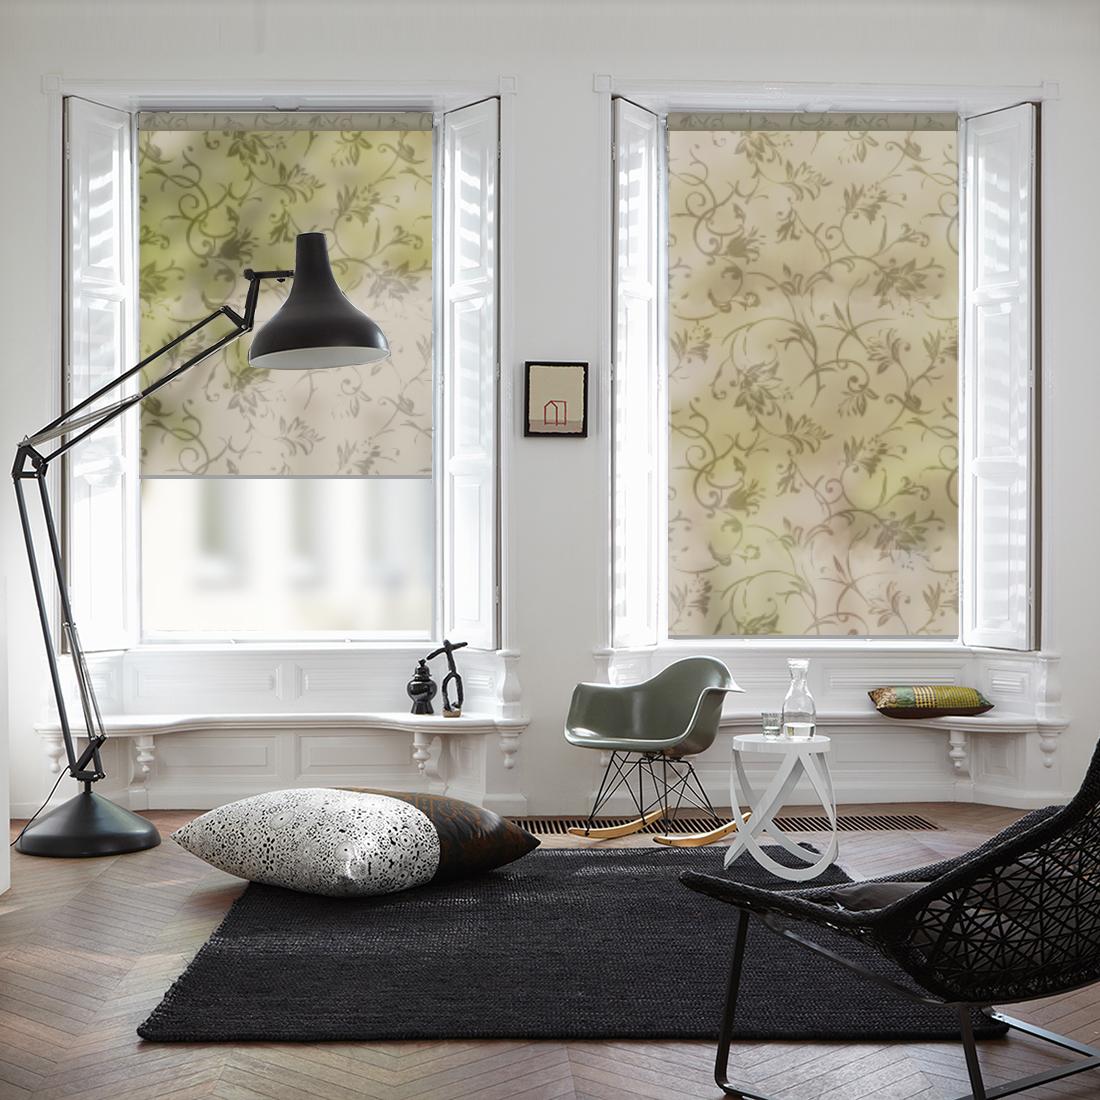 Купить Римские и рулонные шторы Dome, Миниролло Dome Design Цвет:Boheme Choco, Дания, Портьерная ткань